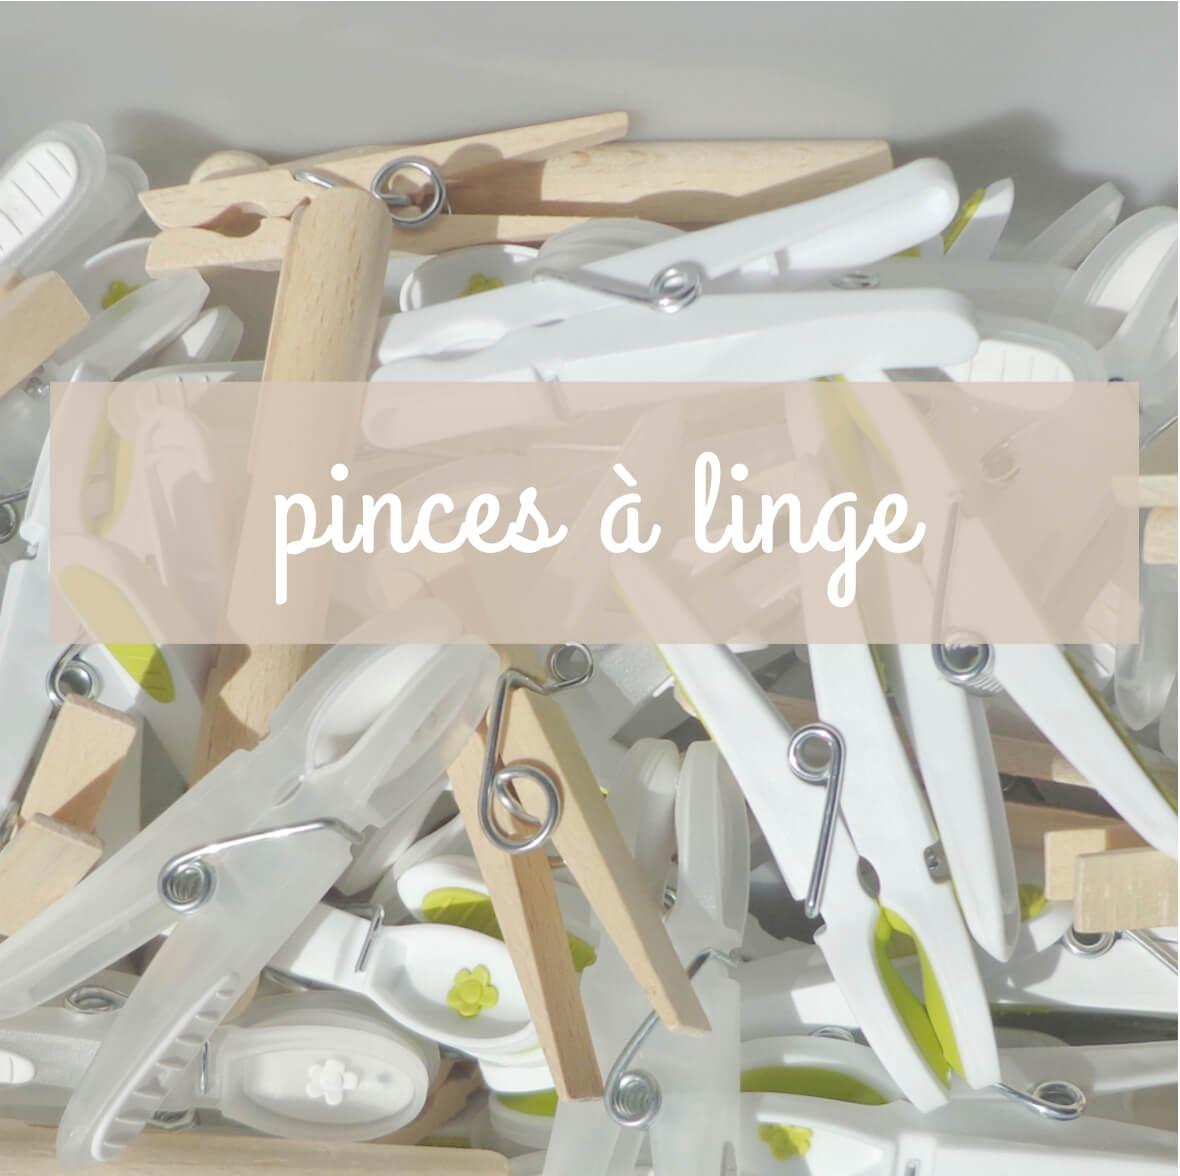 pinces a linge | un grand choix de pinces à linge solides, pour le linge épais, inox ou plastique